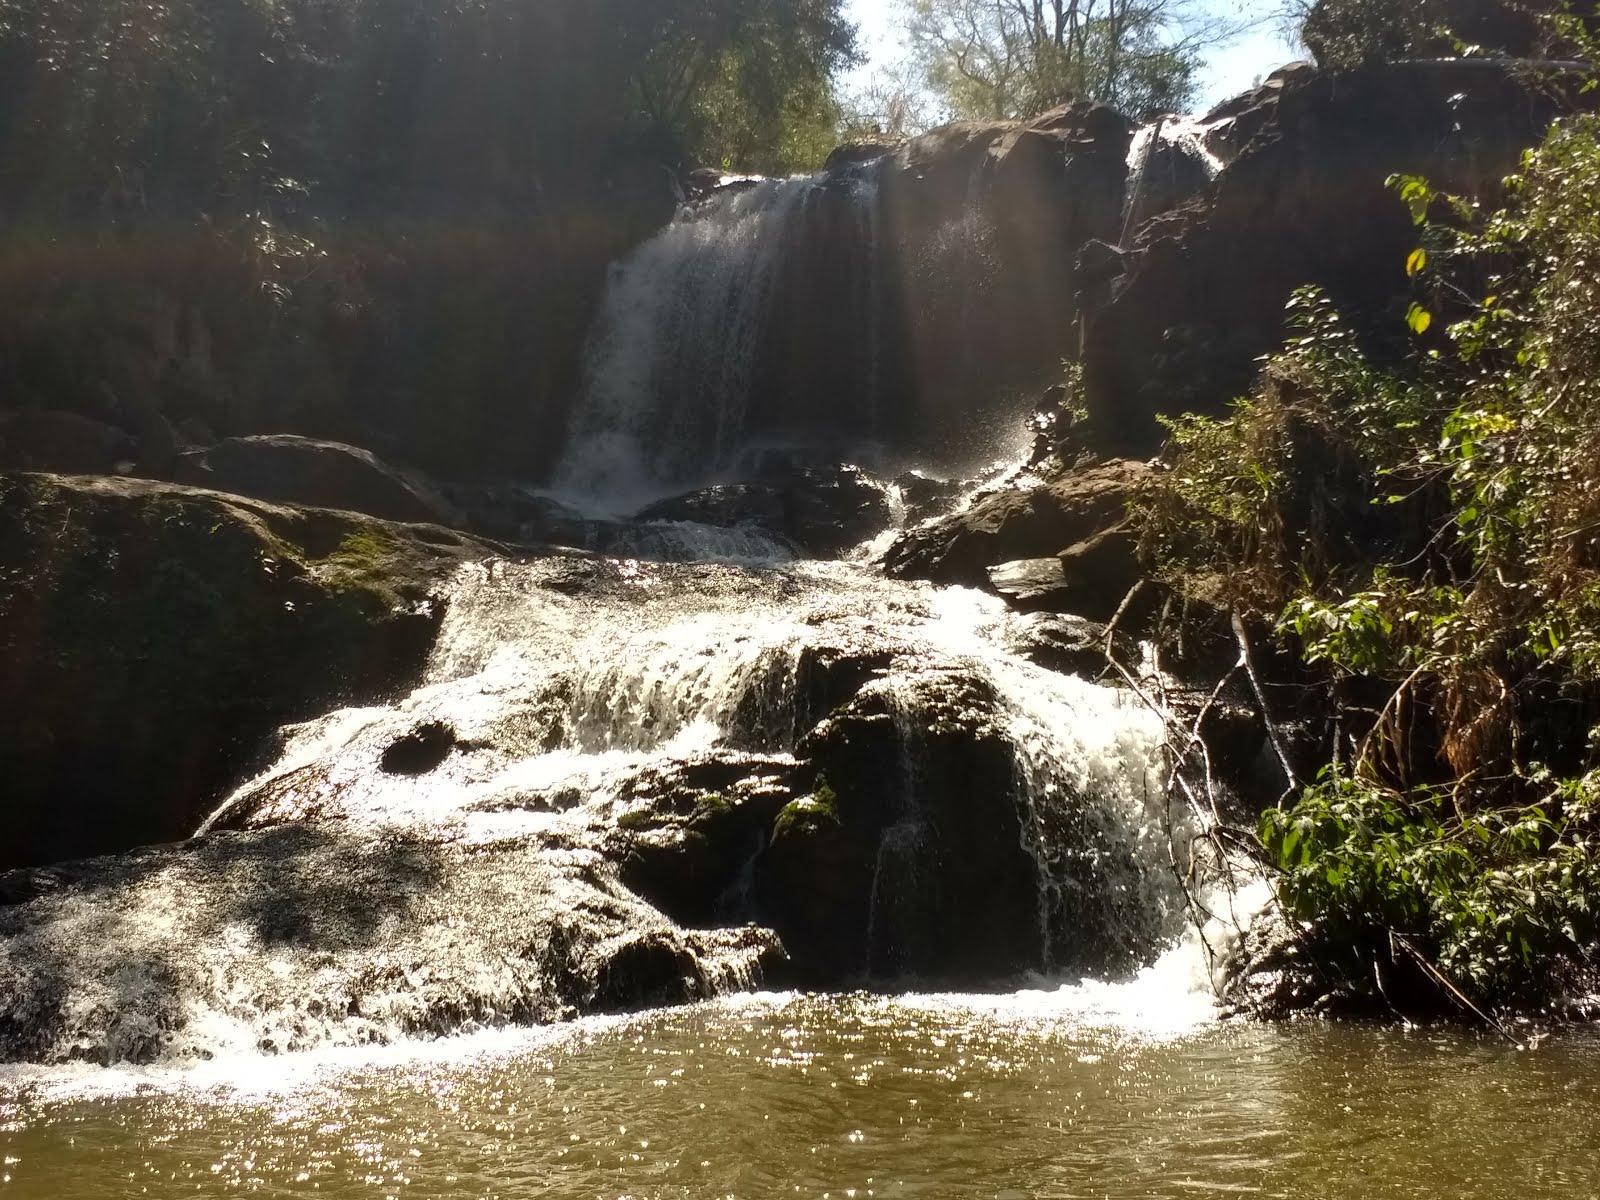 Córrego do ouro 1 - APUCARANA-PR